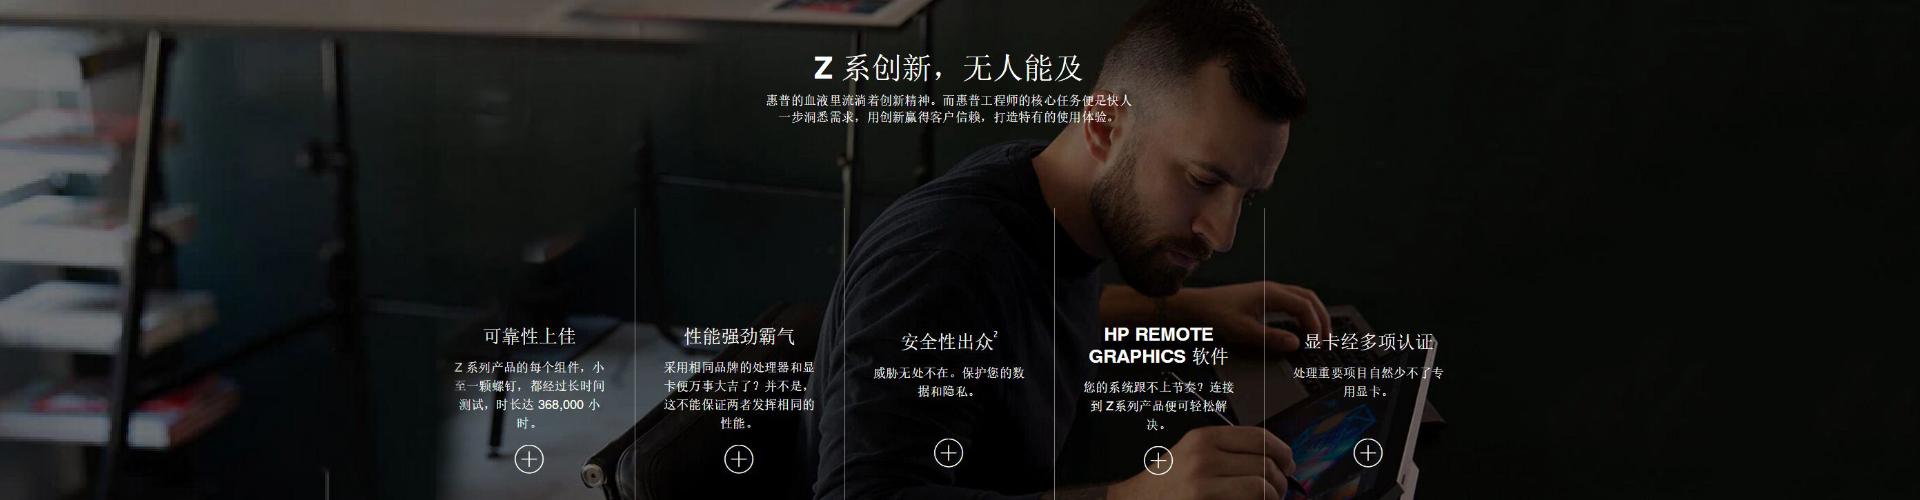 HP图形工作站